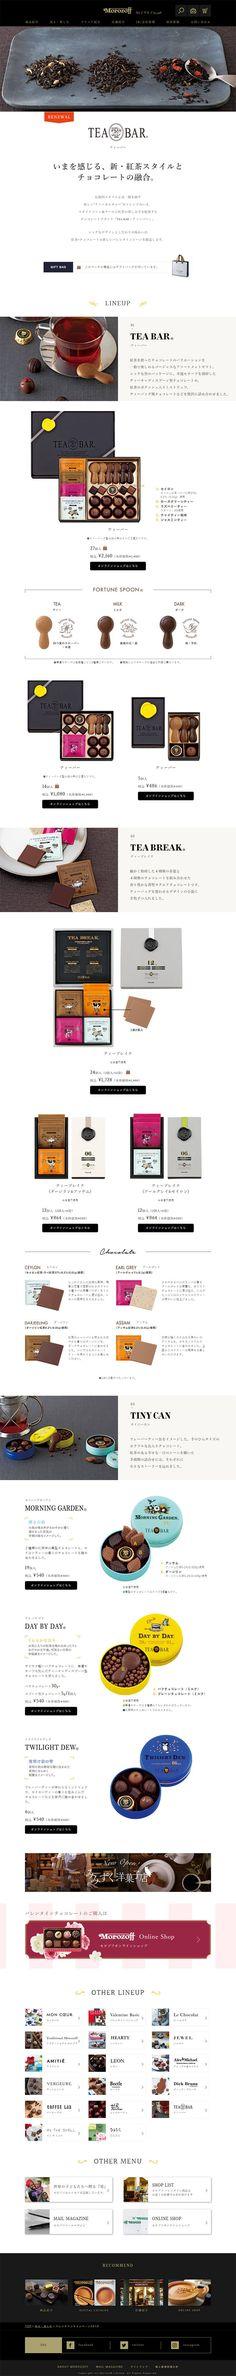 モロゾフ株式会社様の「ティーバー」のランディングページ(LP)シンプル系|洋菓子 #LP #ランディングページ #ランペ #ティーバー Web Design, Blue Bayou, Package Design, Layout, Food, Design Web, Page Layout, Packaging Design, Essen